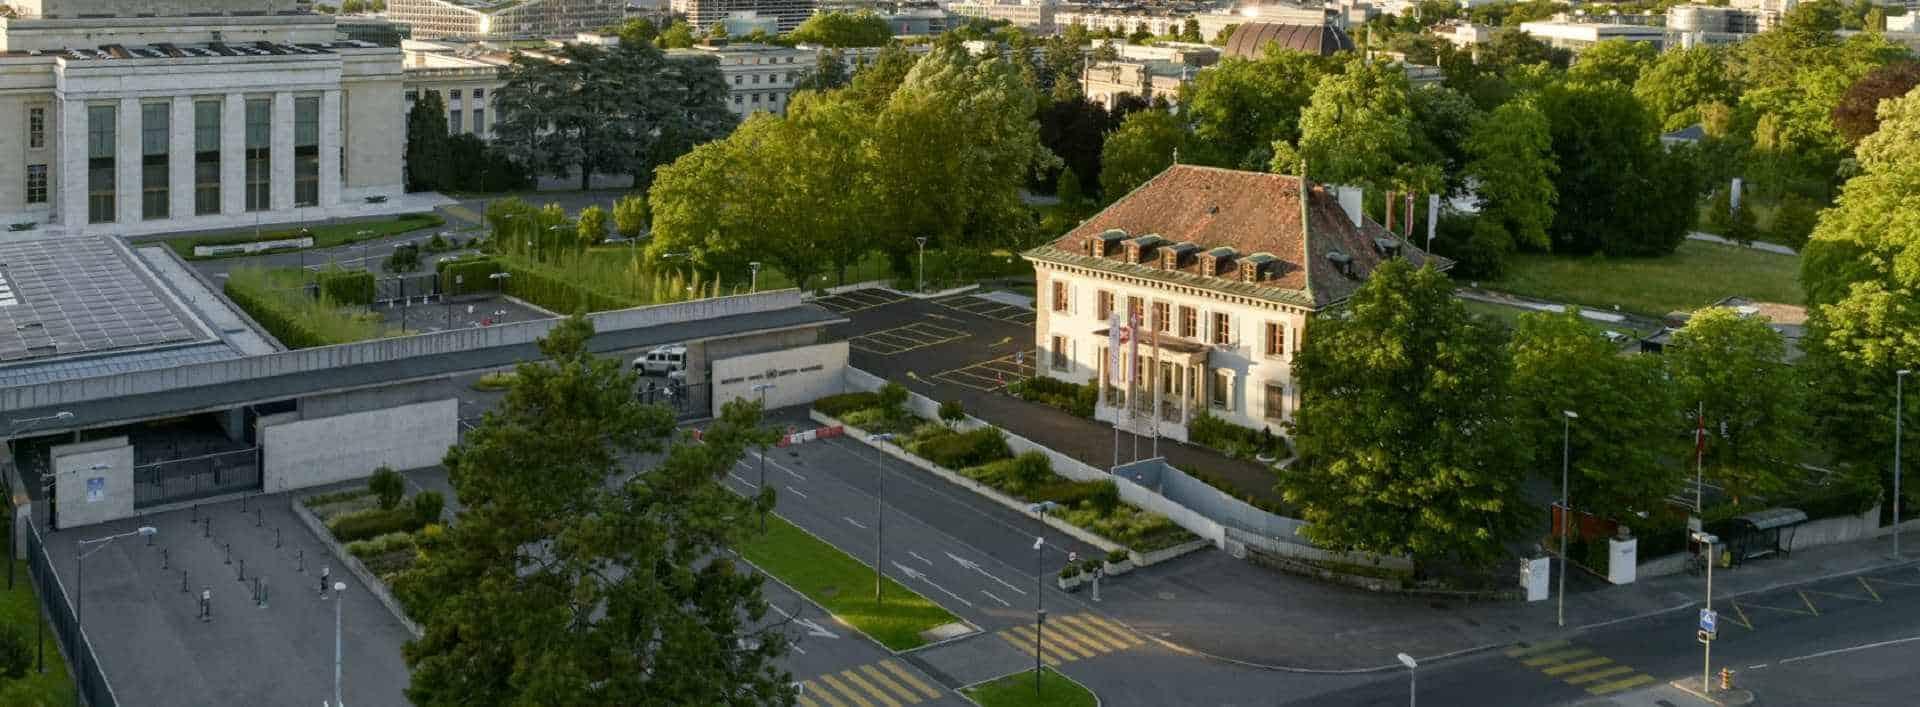 Quand l'hisotire rencontre le futur de l'Ecole Hôtelière de Genève